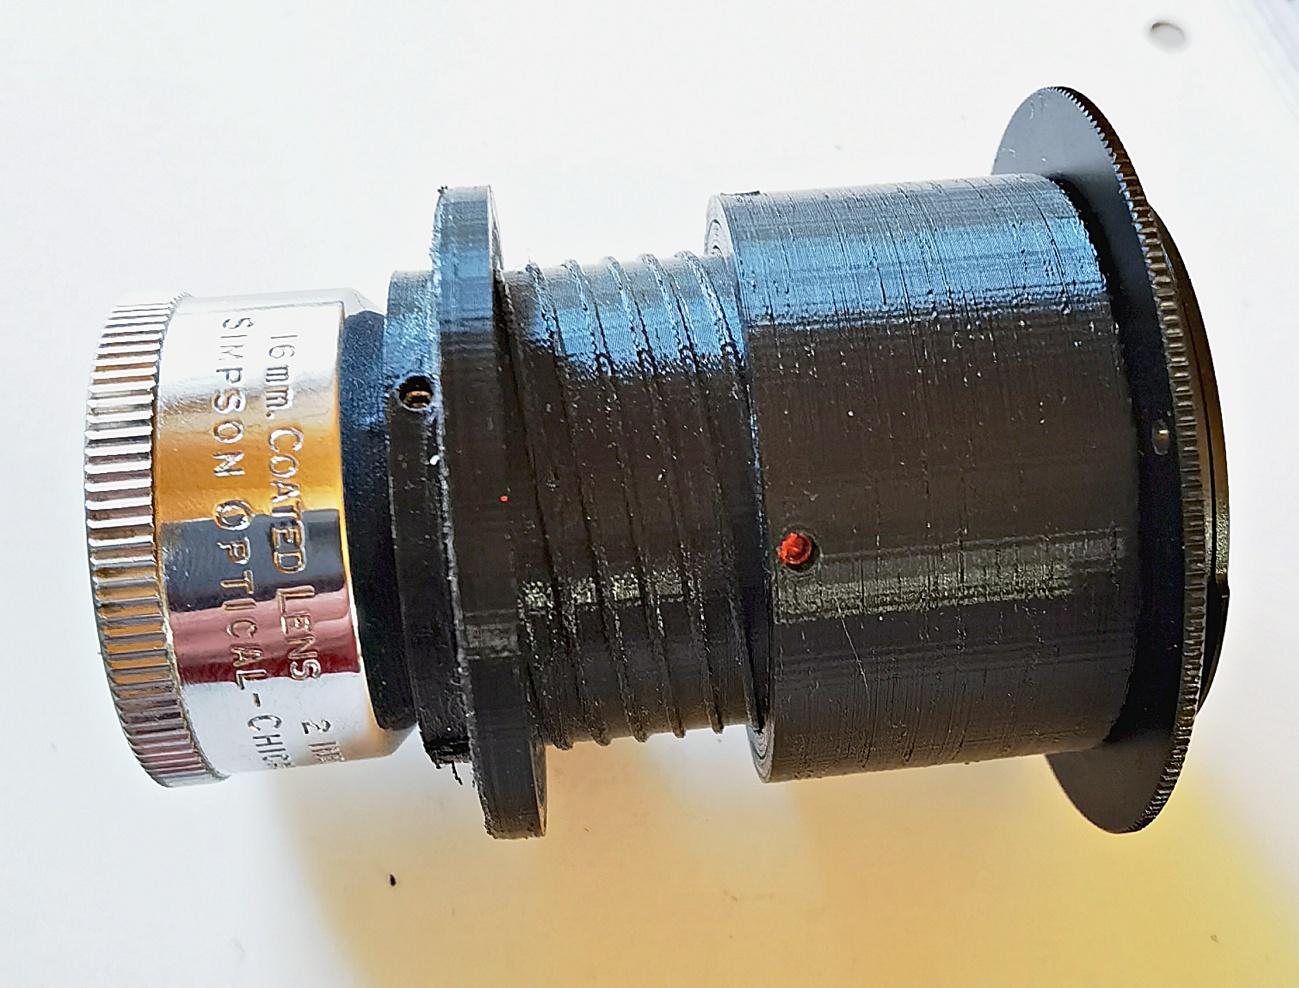 Das Simpson-Chicago f1.6 51mm (2 inch) wird readaptiert #5